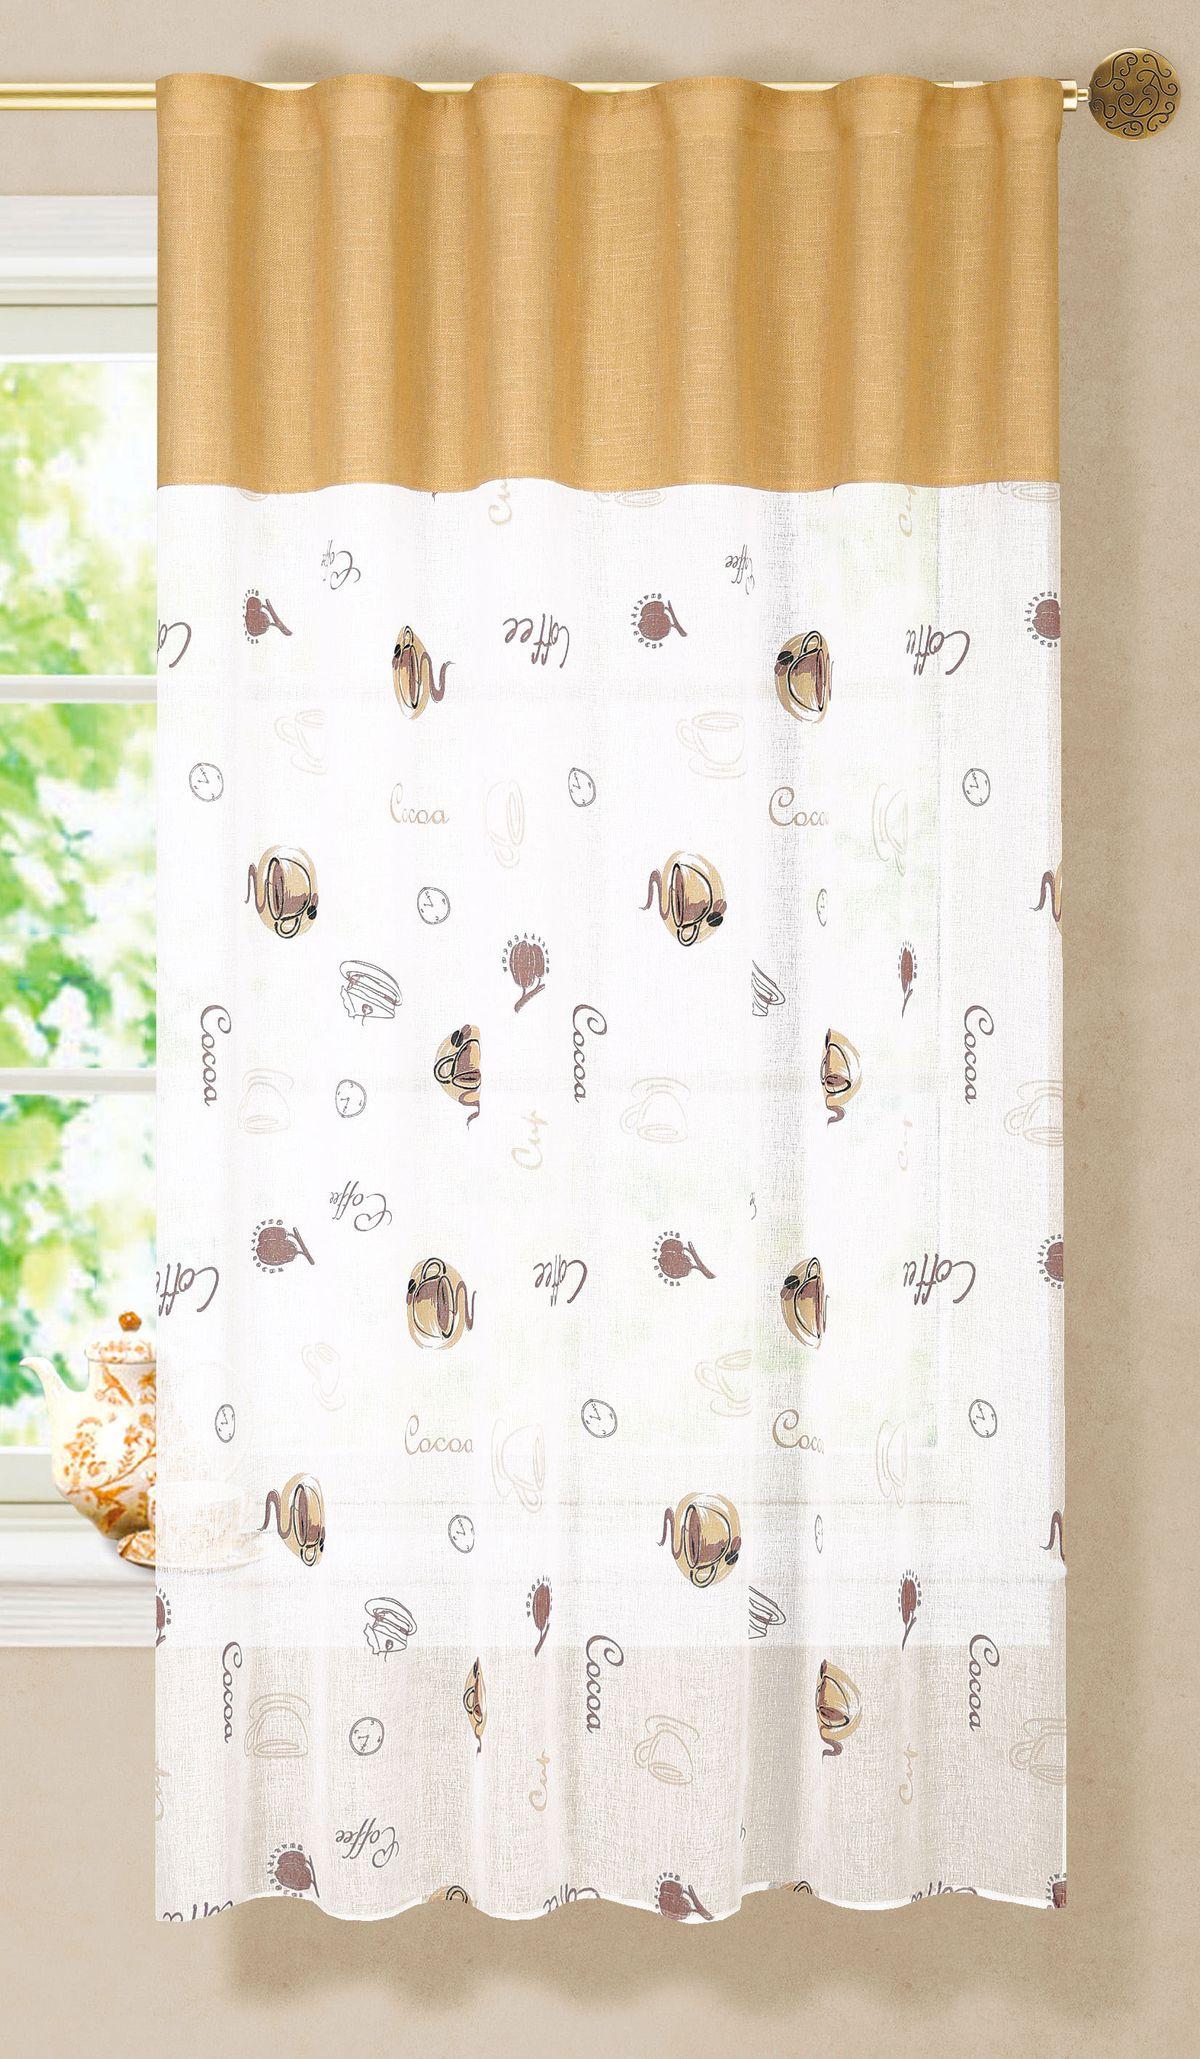 Штора готовая Garden, на ленте, цвет: белый, высота 180 см. С 6333 - W1887 - W1222 V6705544Изящная штора Garden для кухни выполнена из ткани с оригинальной структурой - батист. Приятная расцветка привлечет к себе внимание и органично впишется в интерьер помещения. Штора крепится на карниз при помощи ленты, которая поможет красиво и равномерно задрапировать верх.